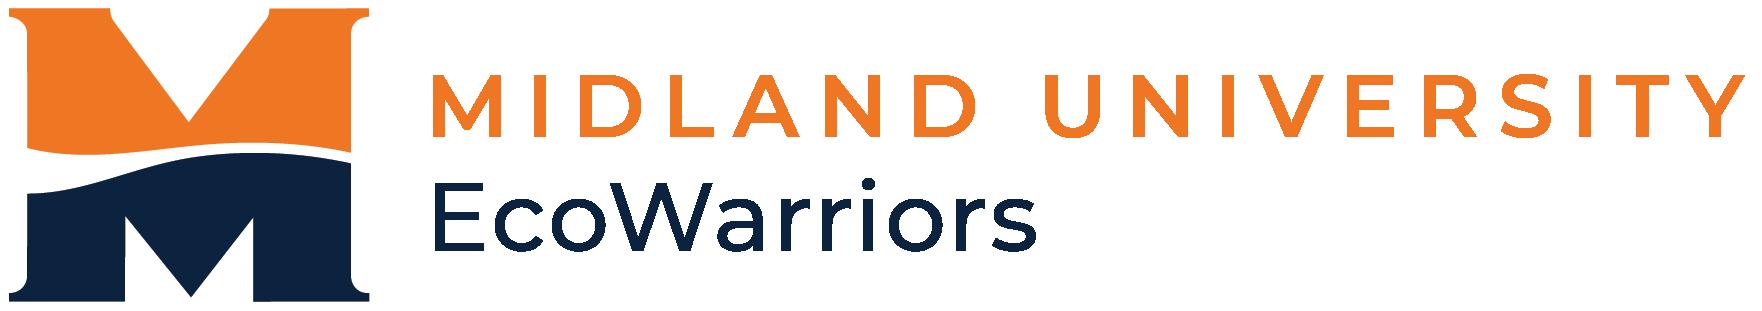 Midland University EcoWarriors Logo